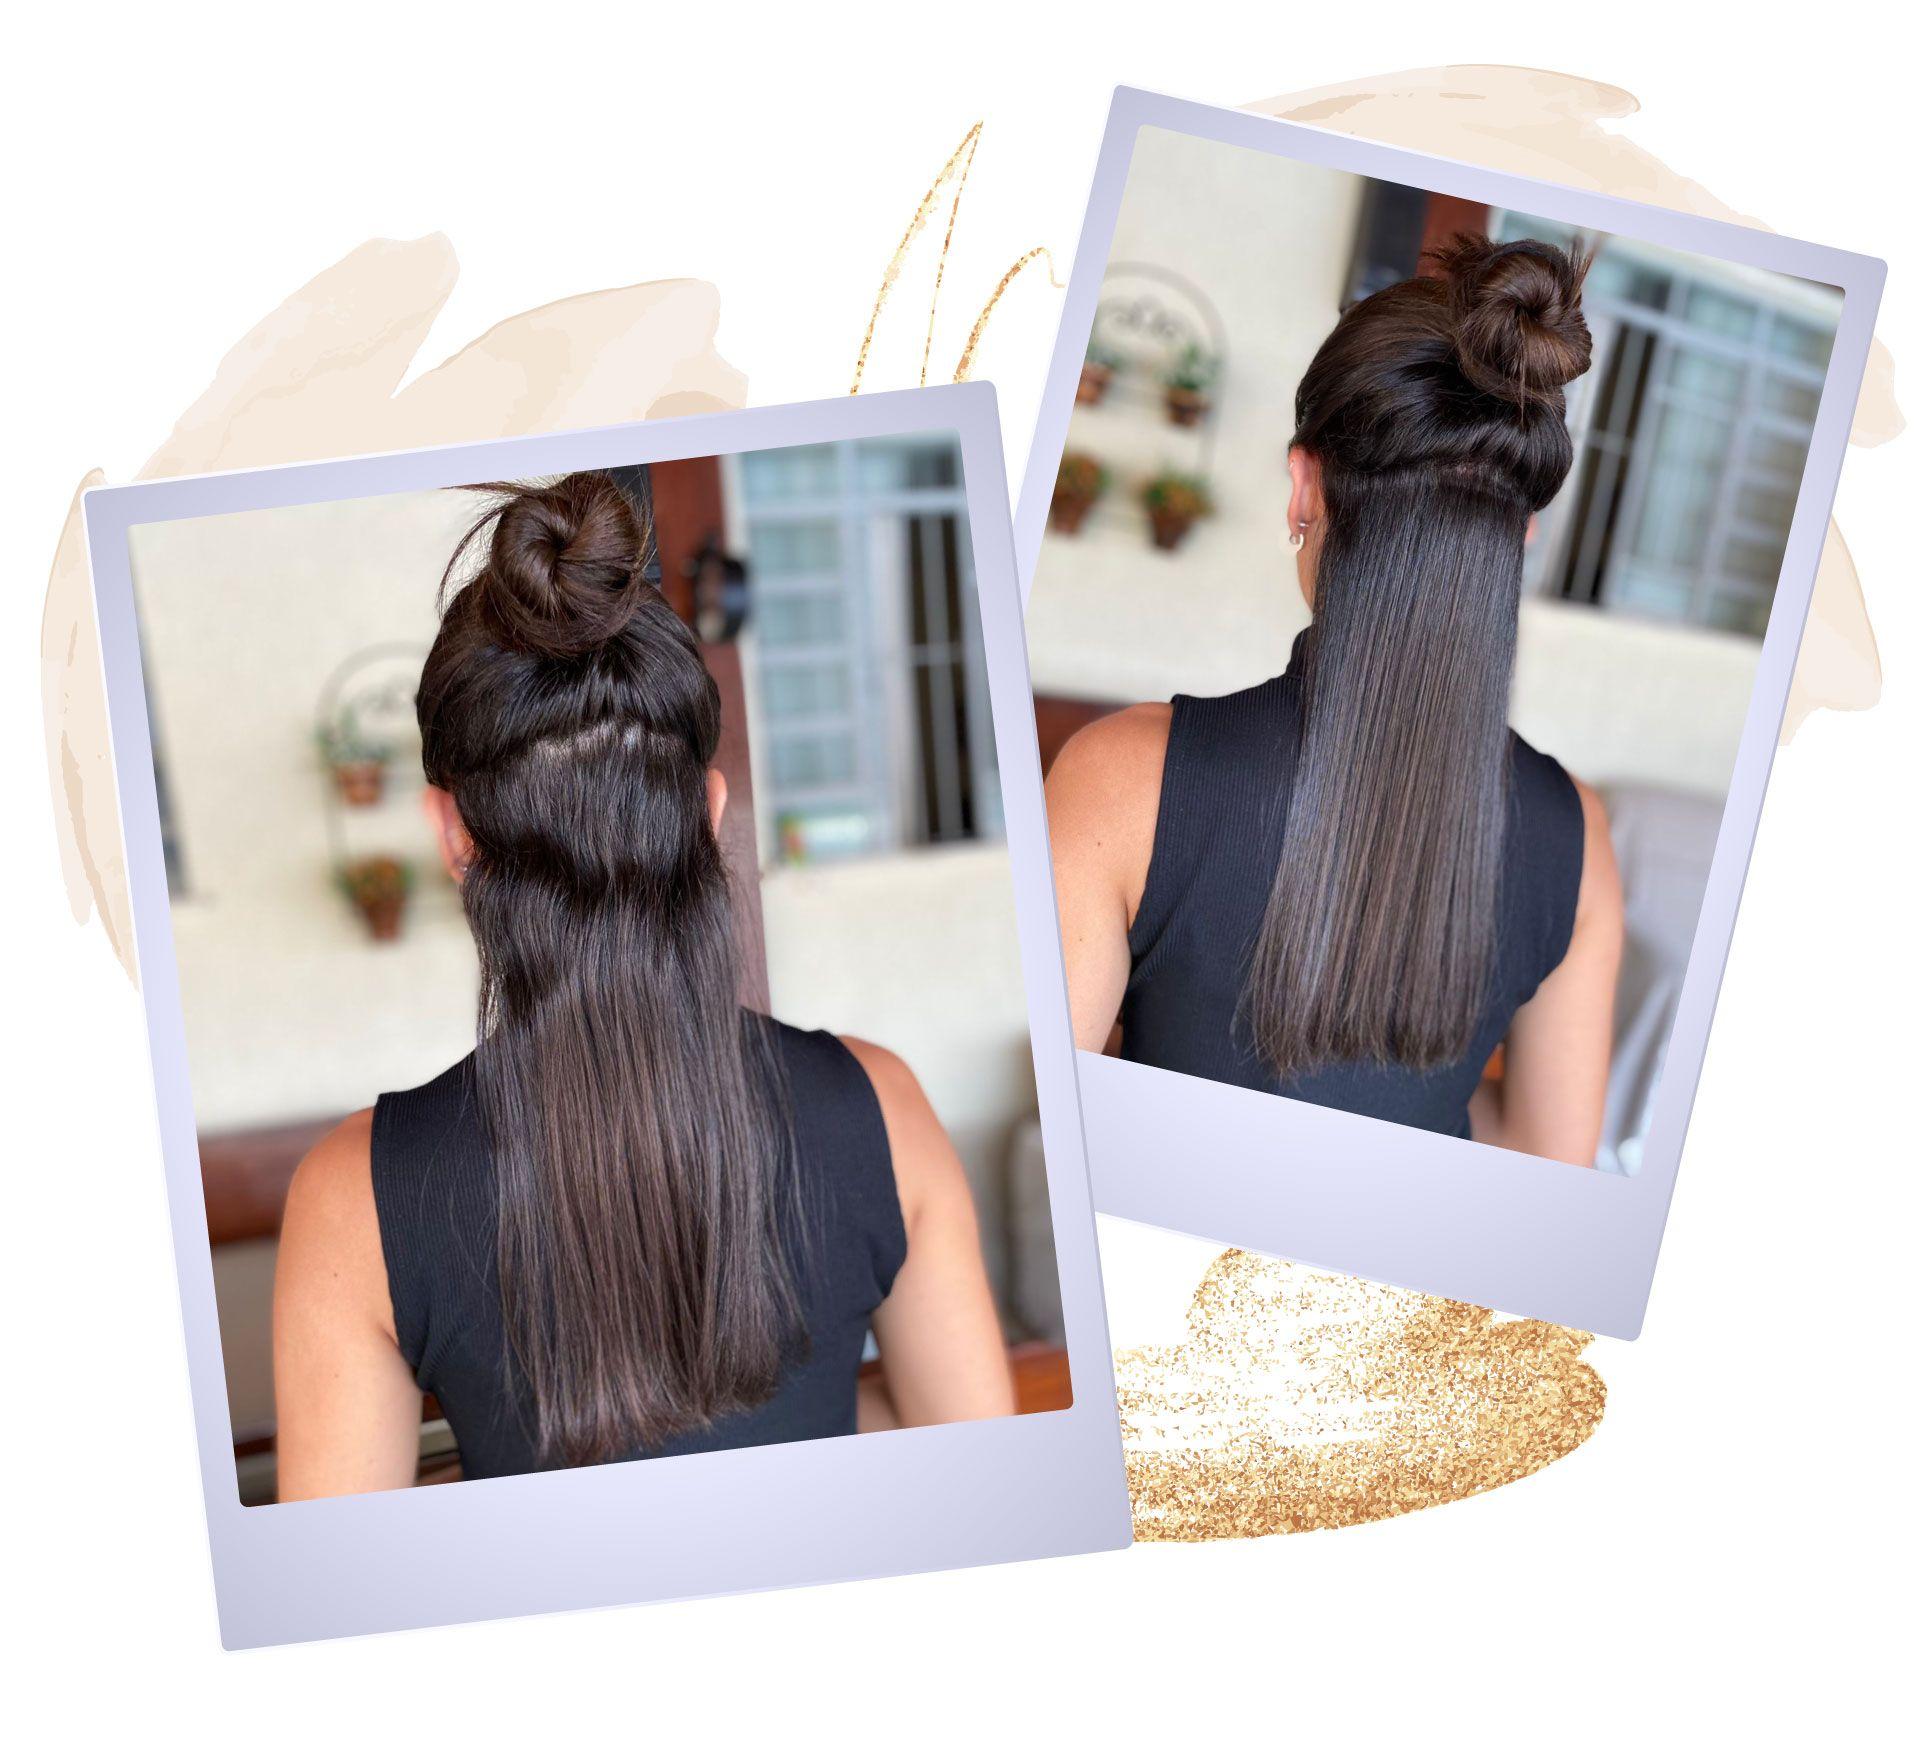 Duas fotos de mulher de costas, uma com cabelo ondulado e outra com cabelo liso